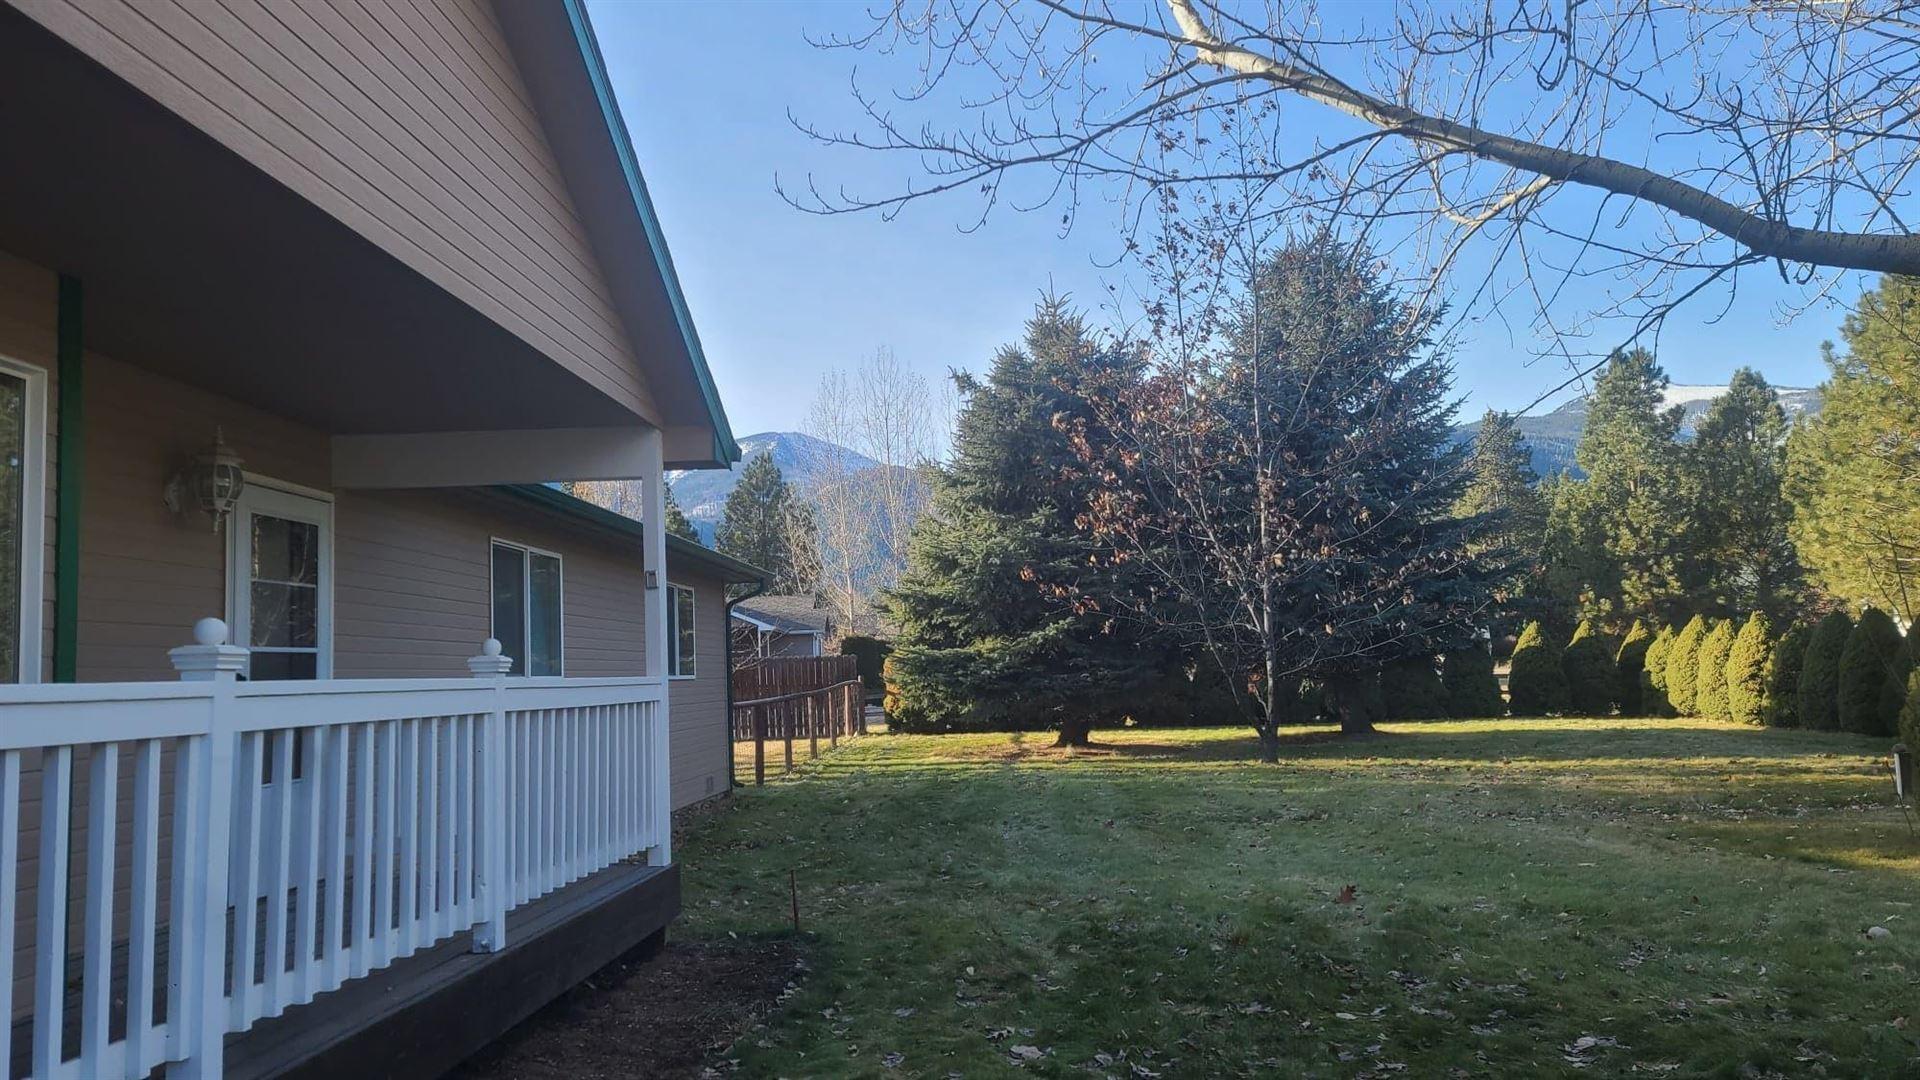 Photo of 105 Memory Lane, Stevensville, MT 59870 (MLS # 22019306)